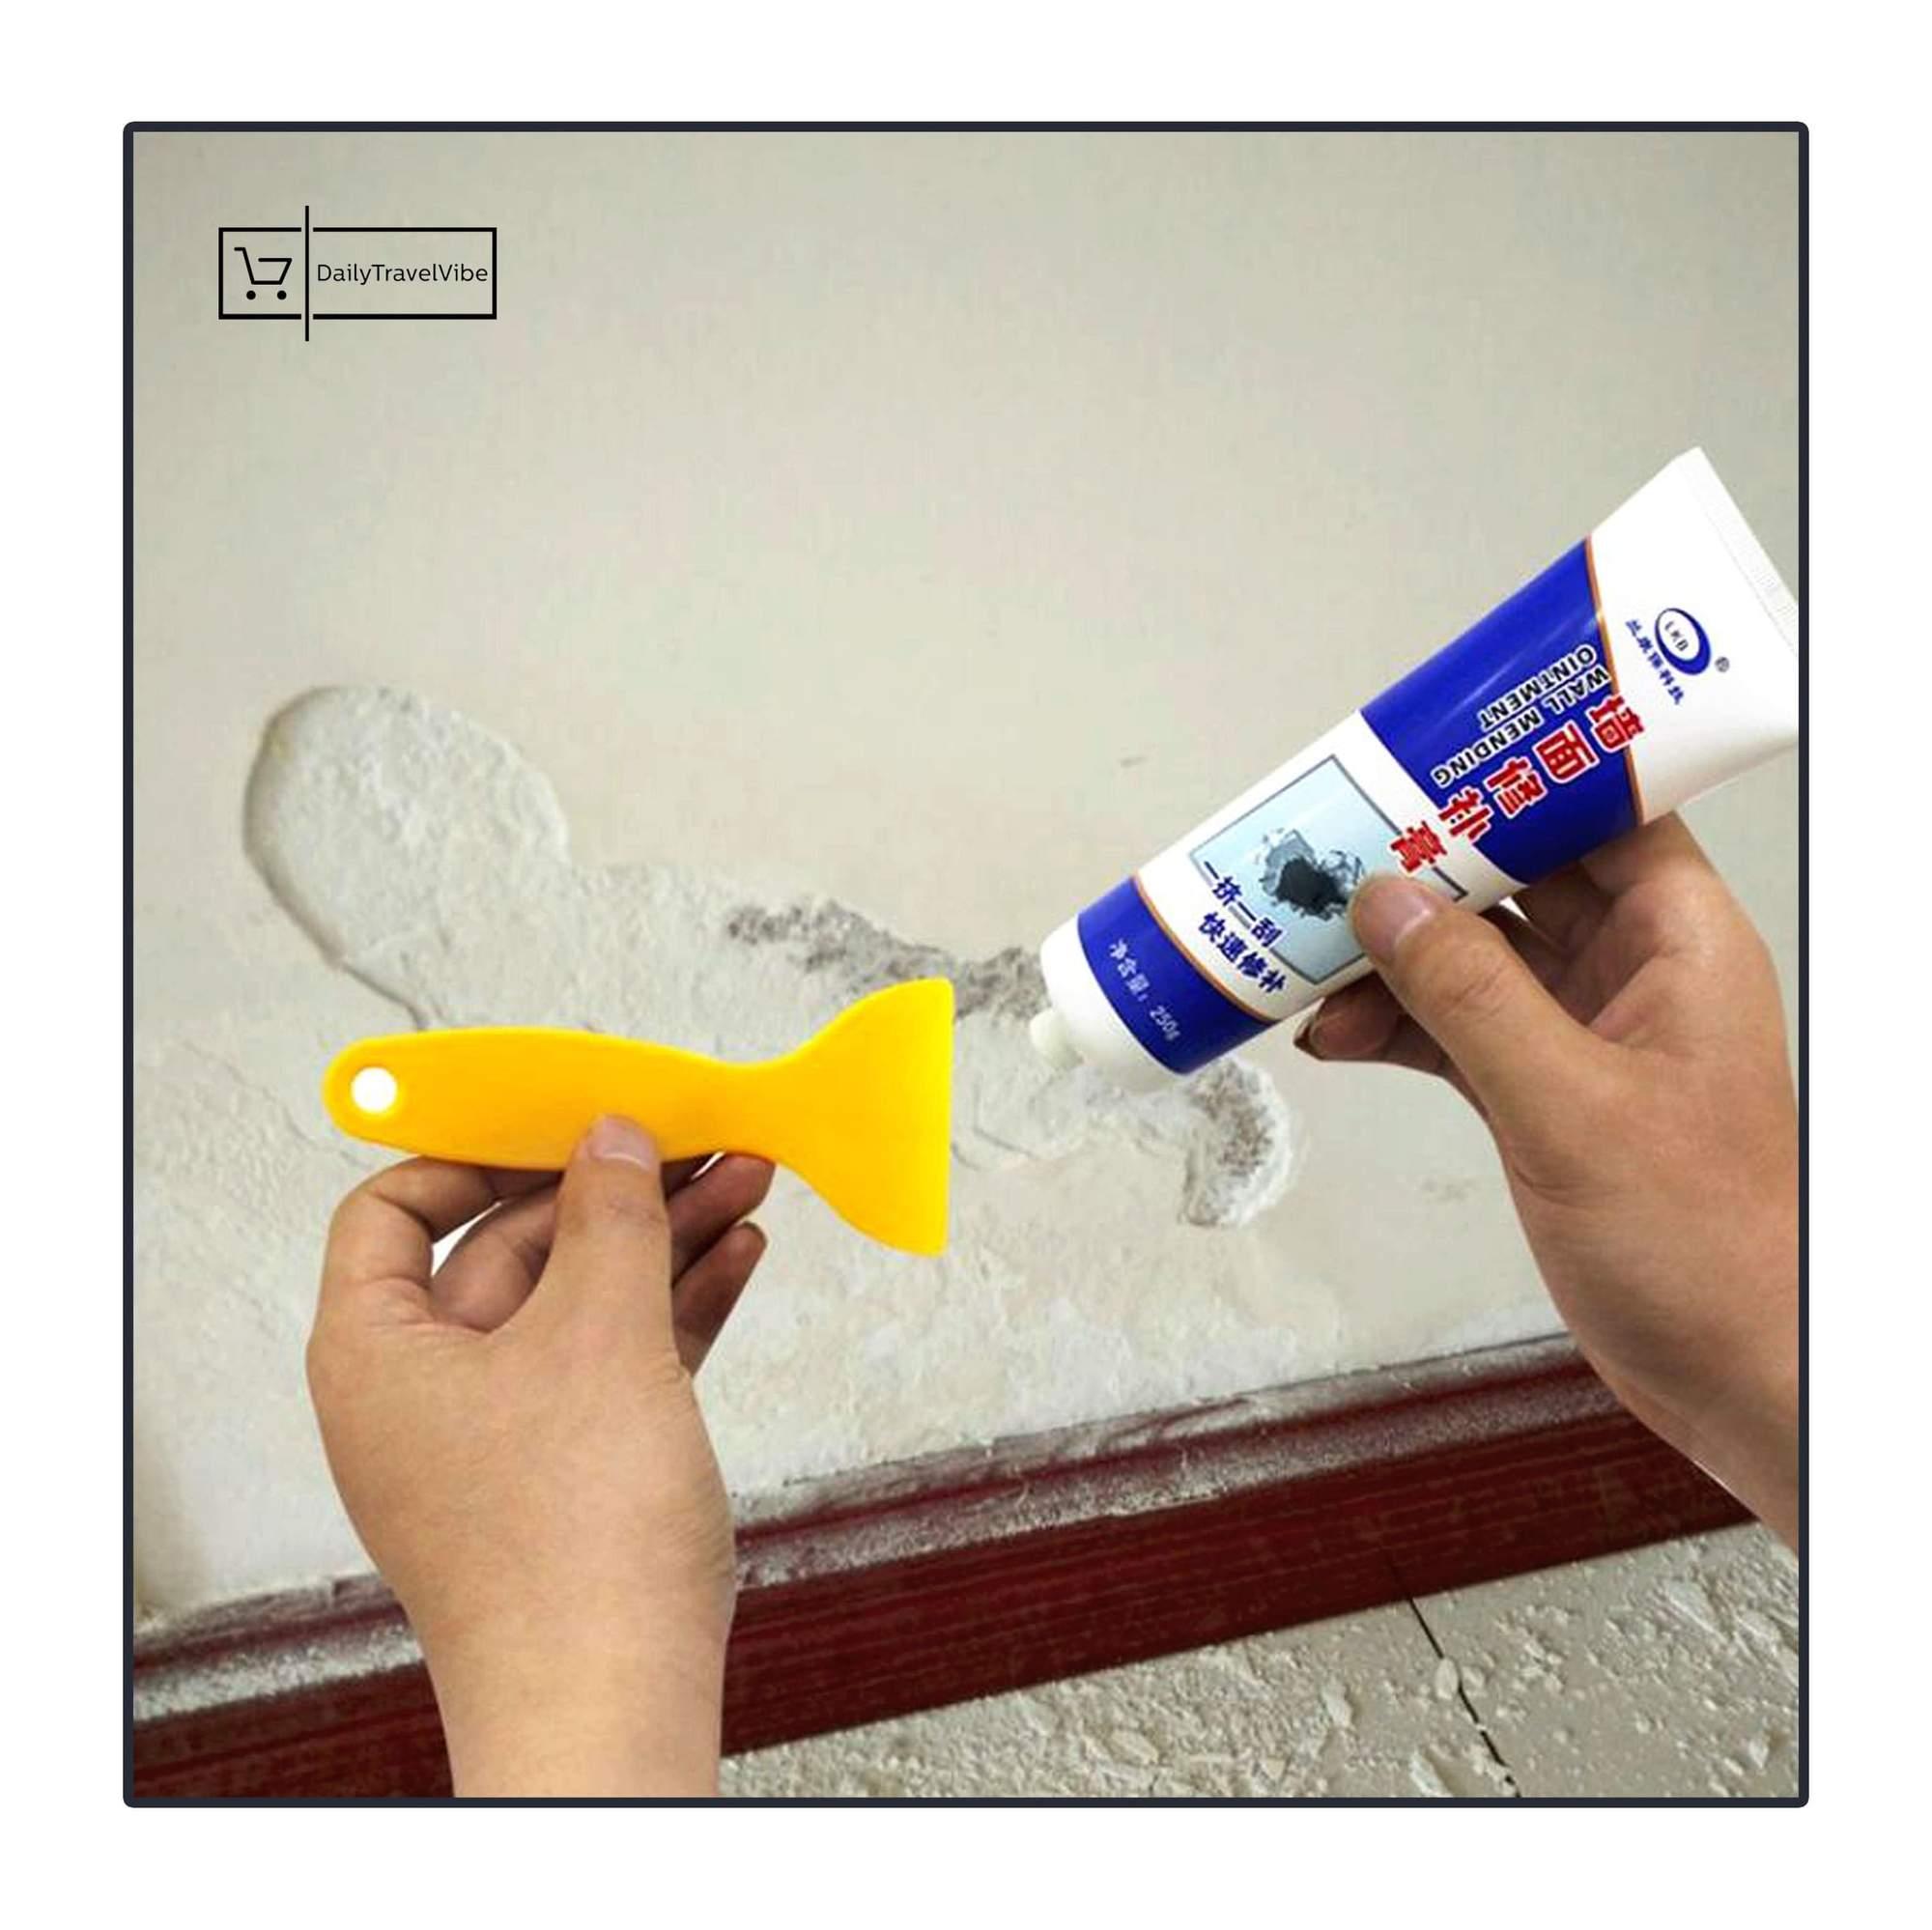 קרם קלסימו מהיר לתיקון  וצביעת קירות - 1/4 קילו